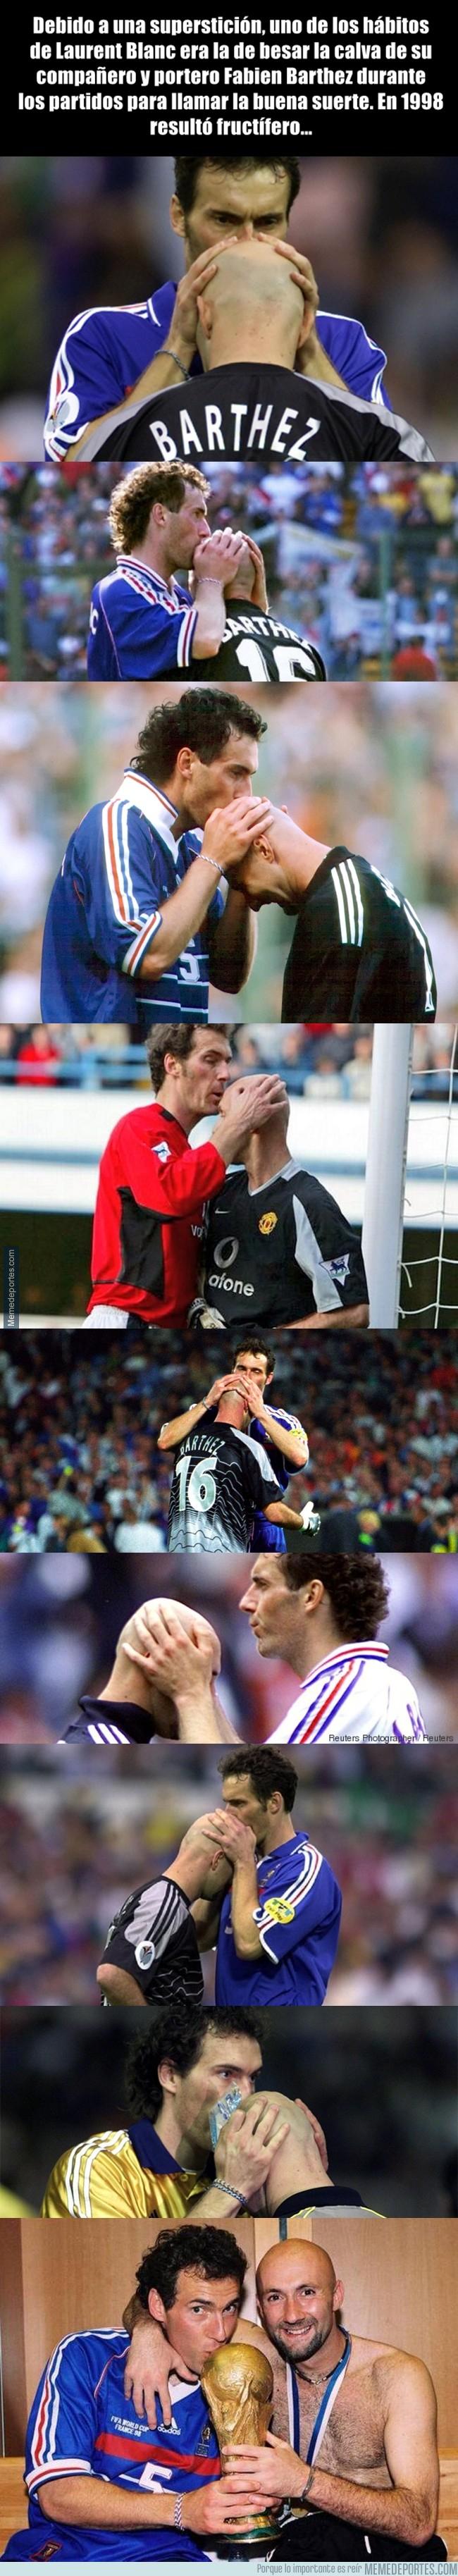 1006600 - La superstición entre Blanc y Barthez que les hizo ganar el Mundial en 1998